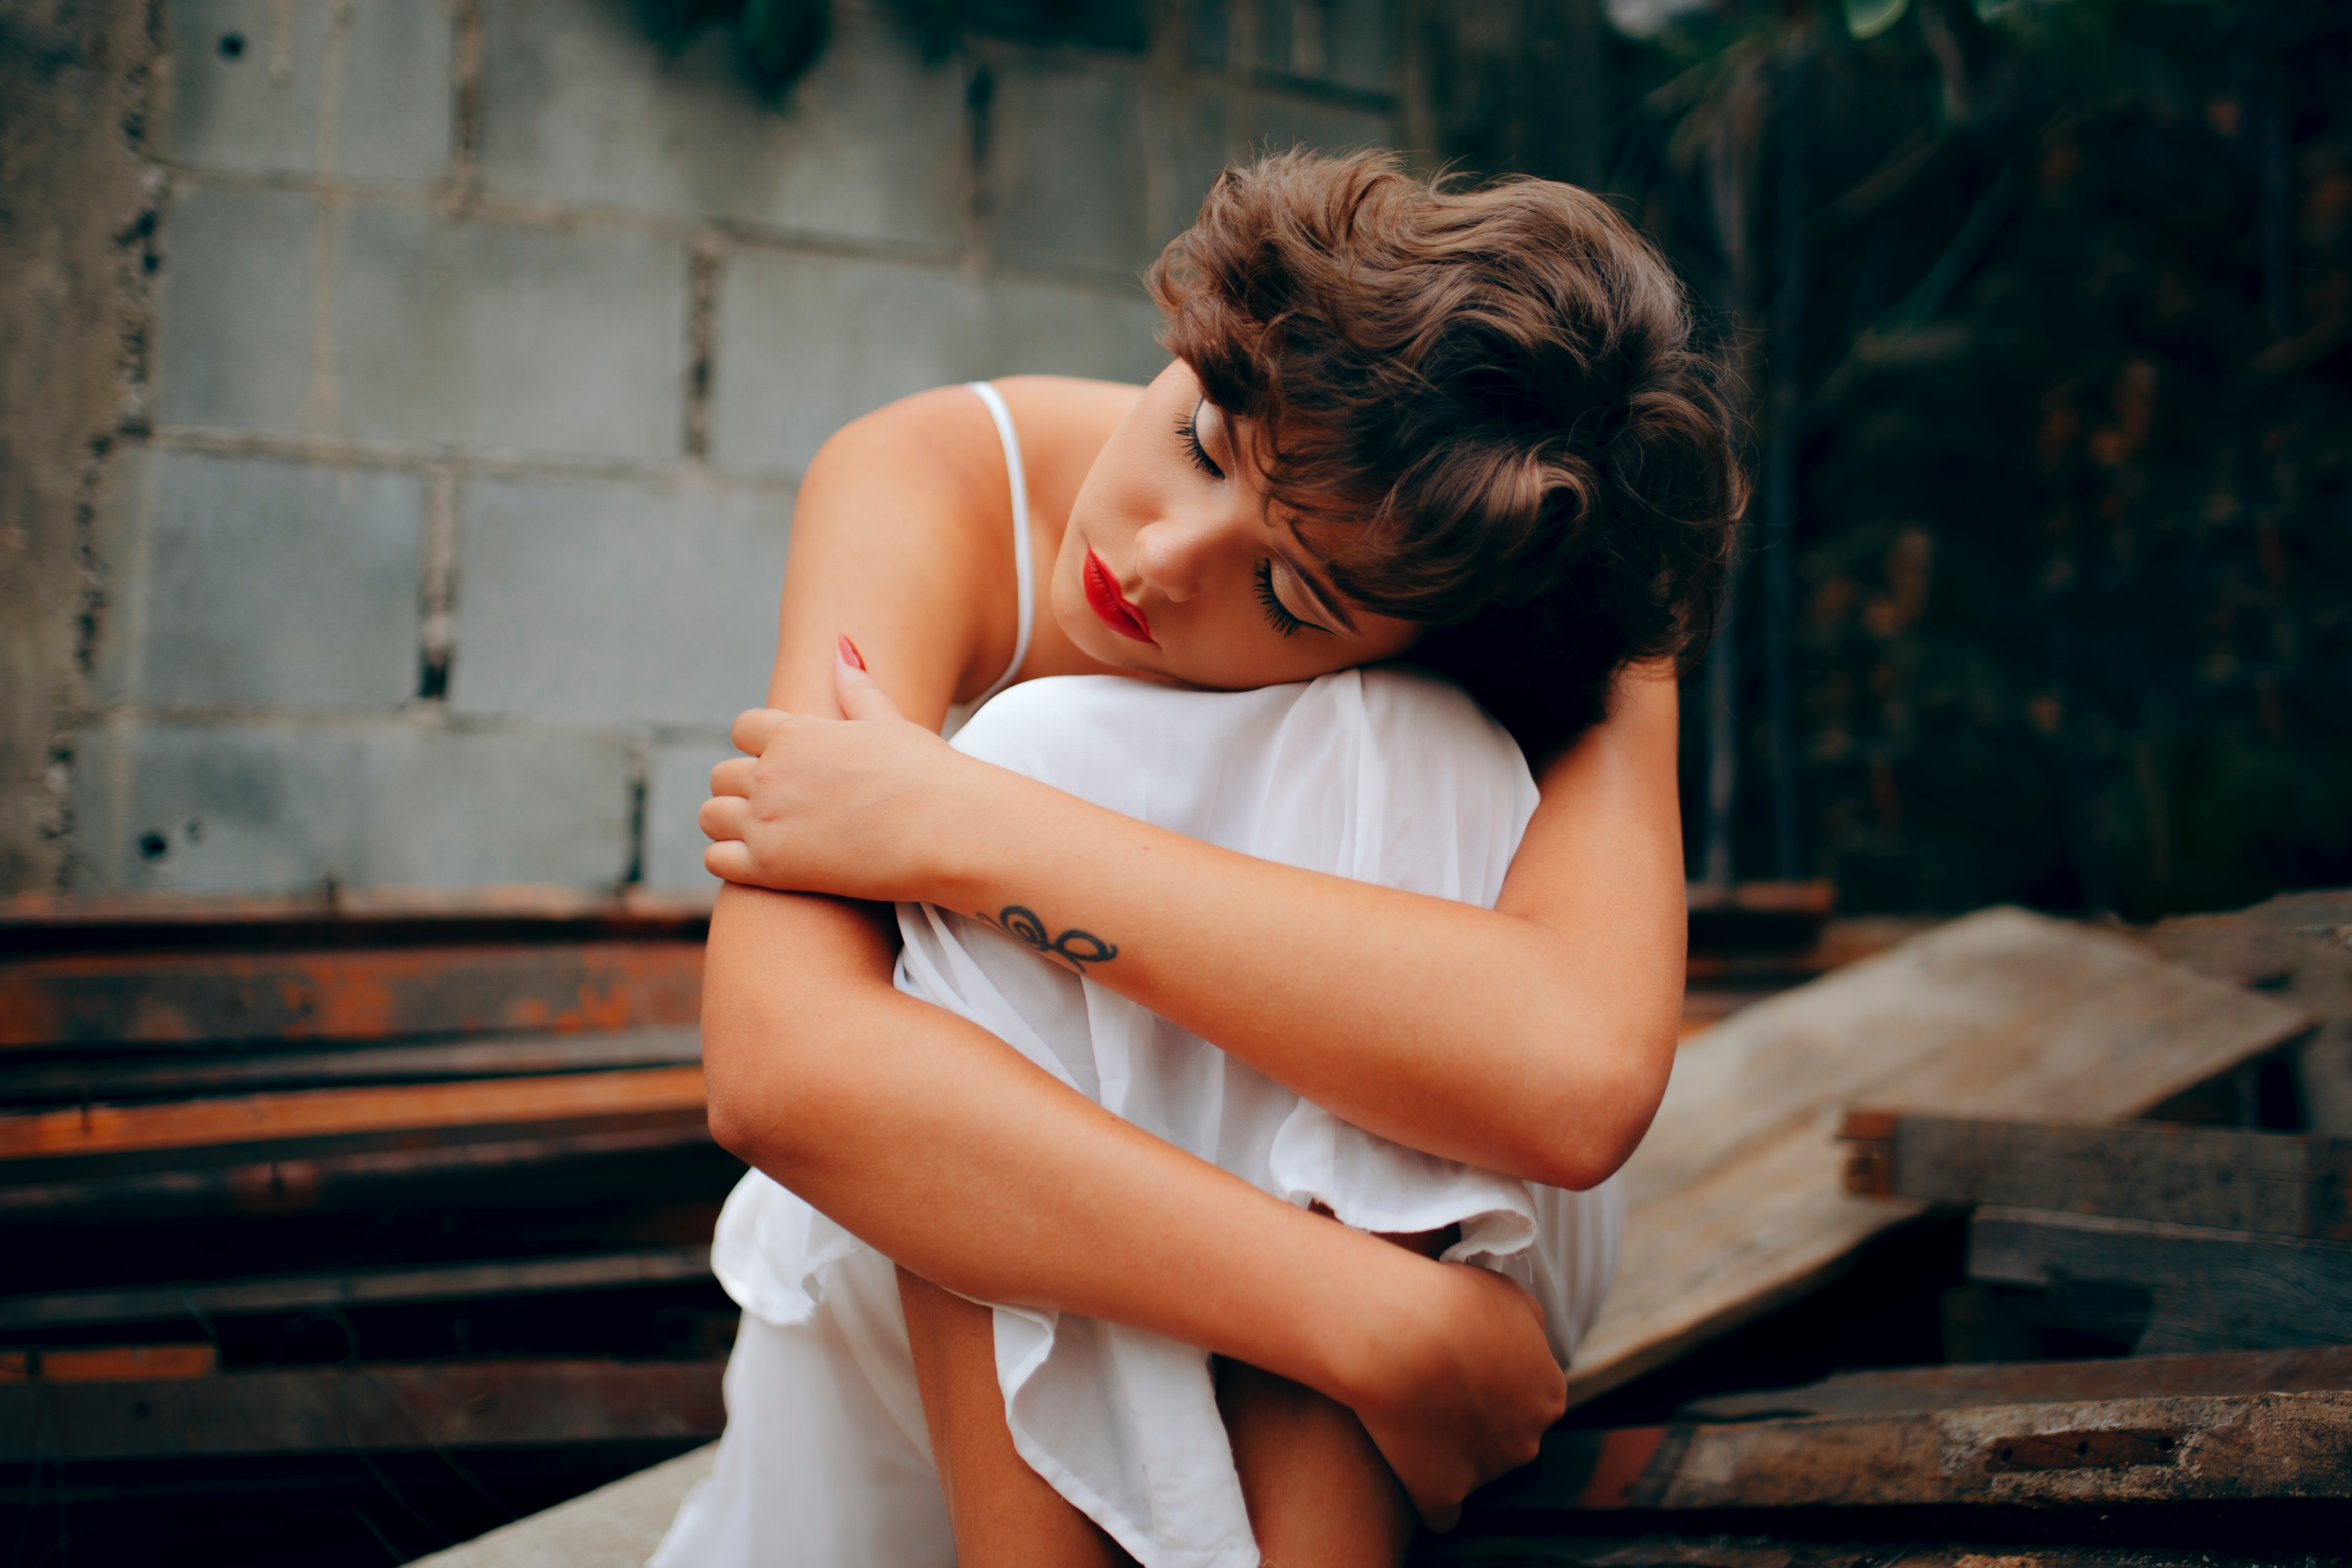 Intestinul permeabil: simptome și cauze, teste